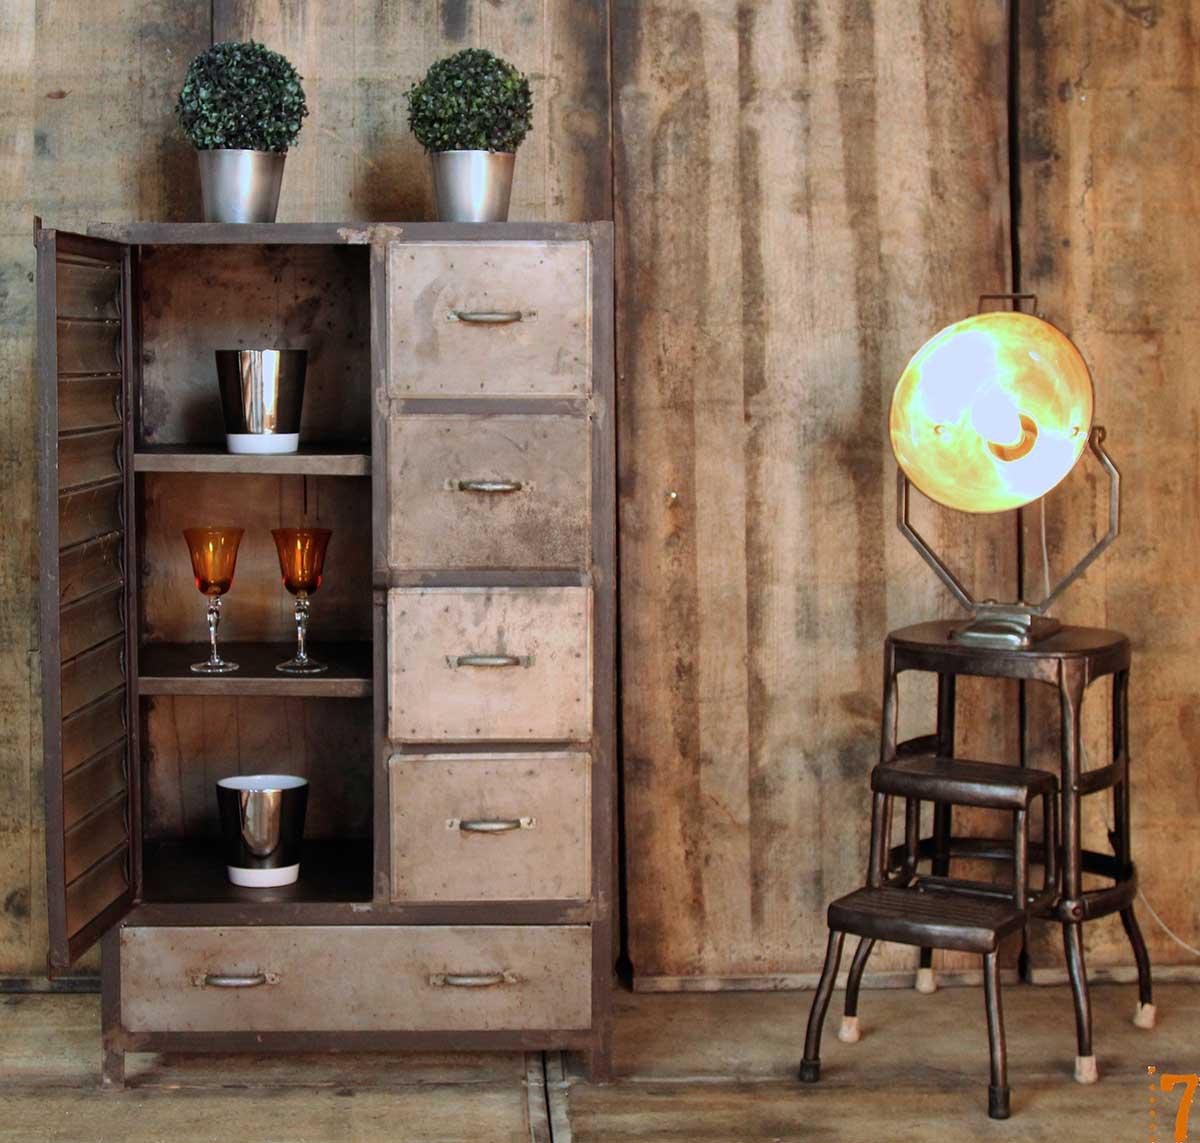 meuble de rangement esprit industriel. Black Bedroom Furniture Sets. Home Design Ideas